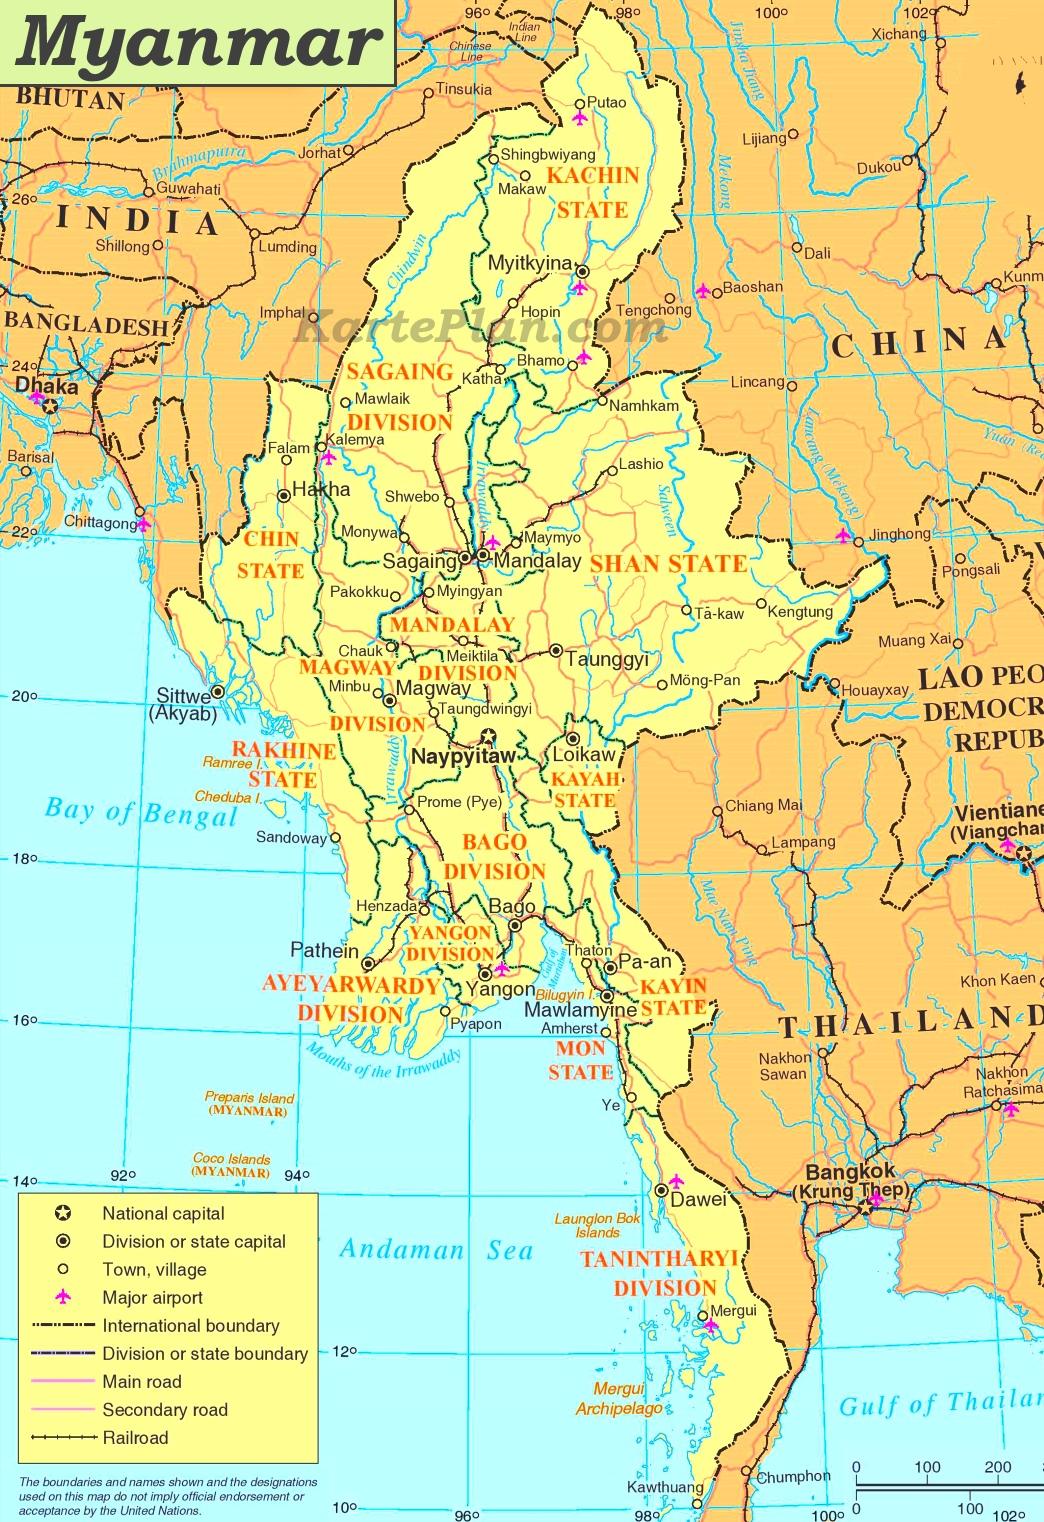 Karte Myanmar.Myanmar Politische Karte